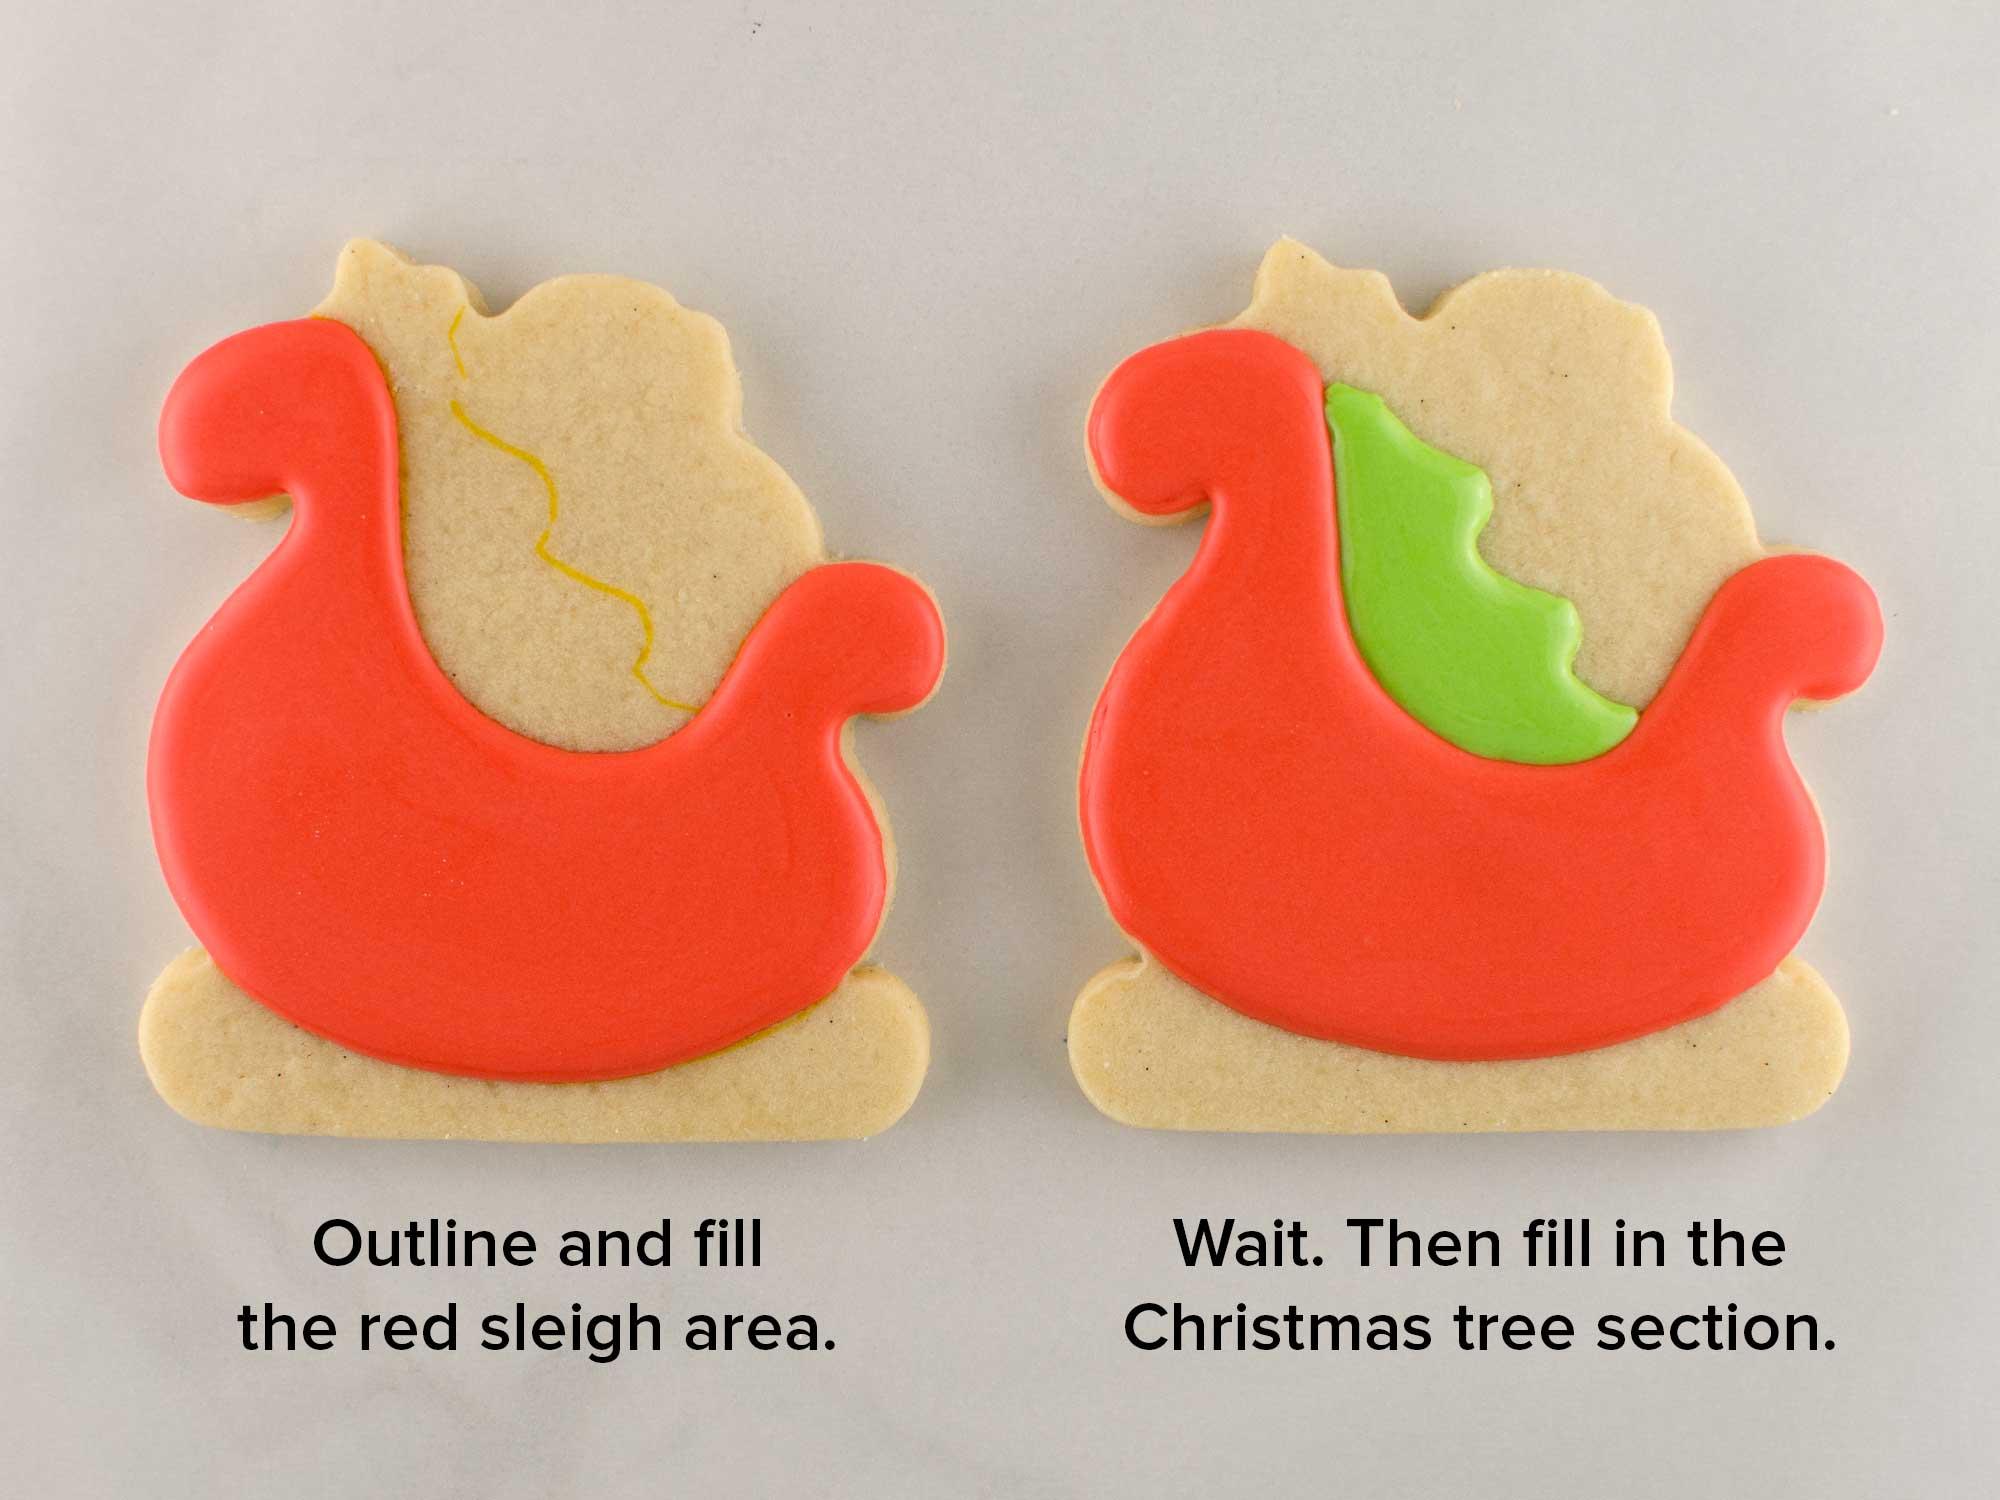 santa sleigh cookies step 2